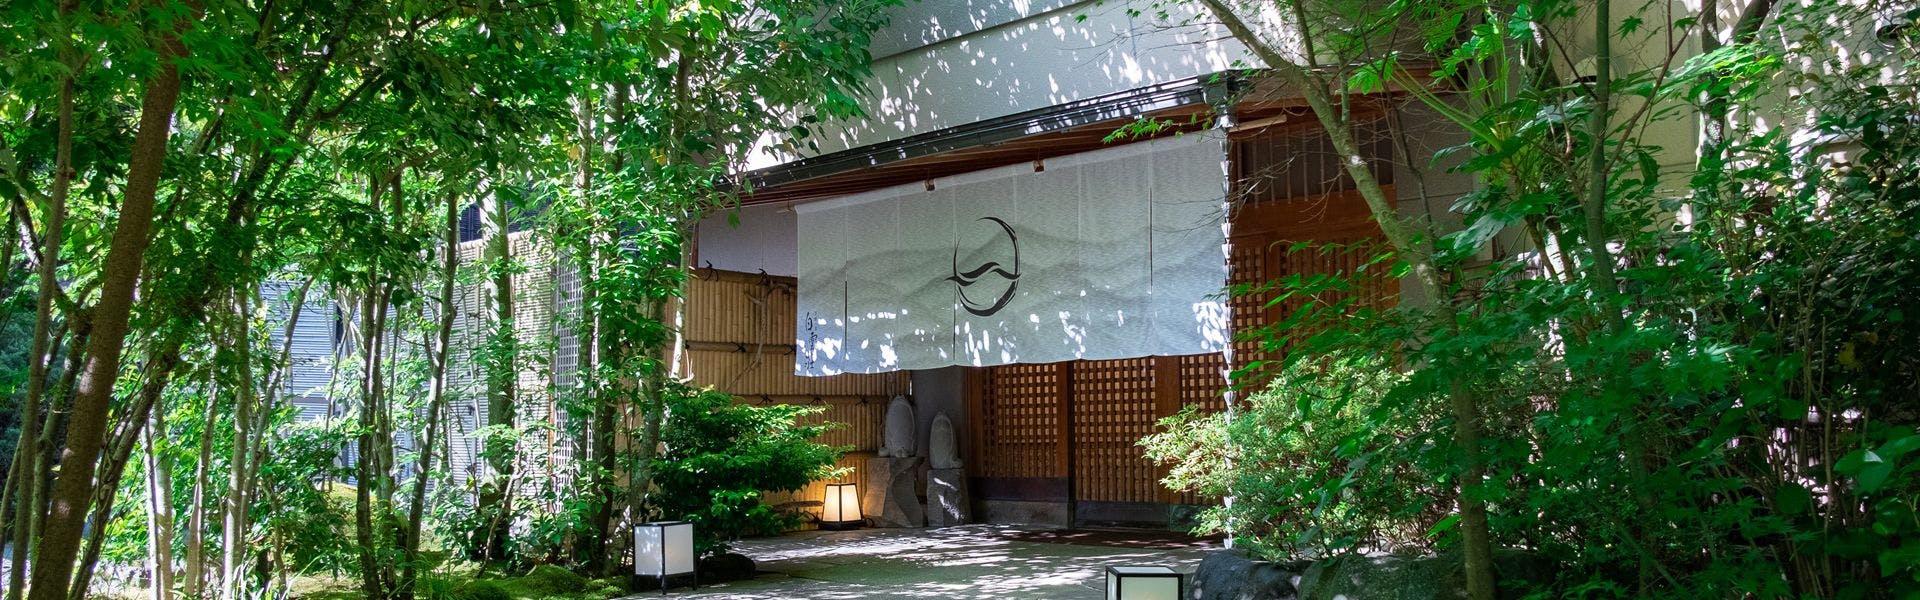 記念日におすすめのホテル・万葉の里 白雲荘の写真1